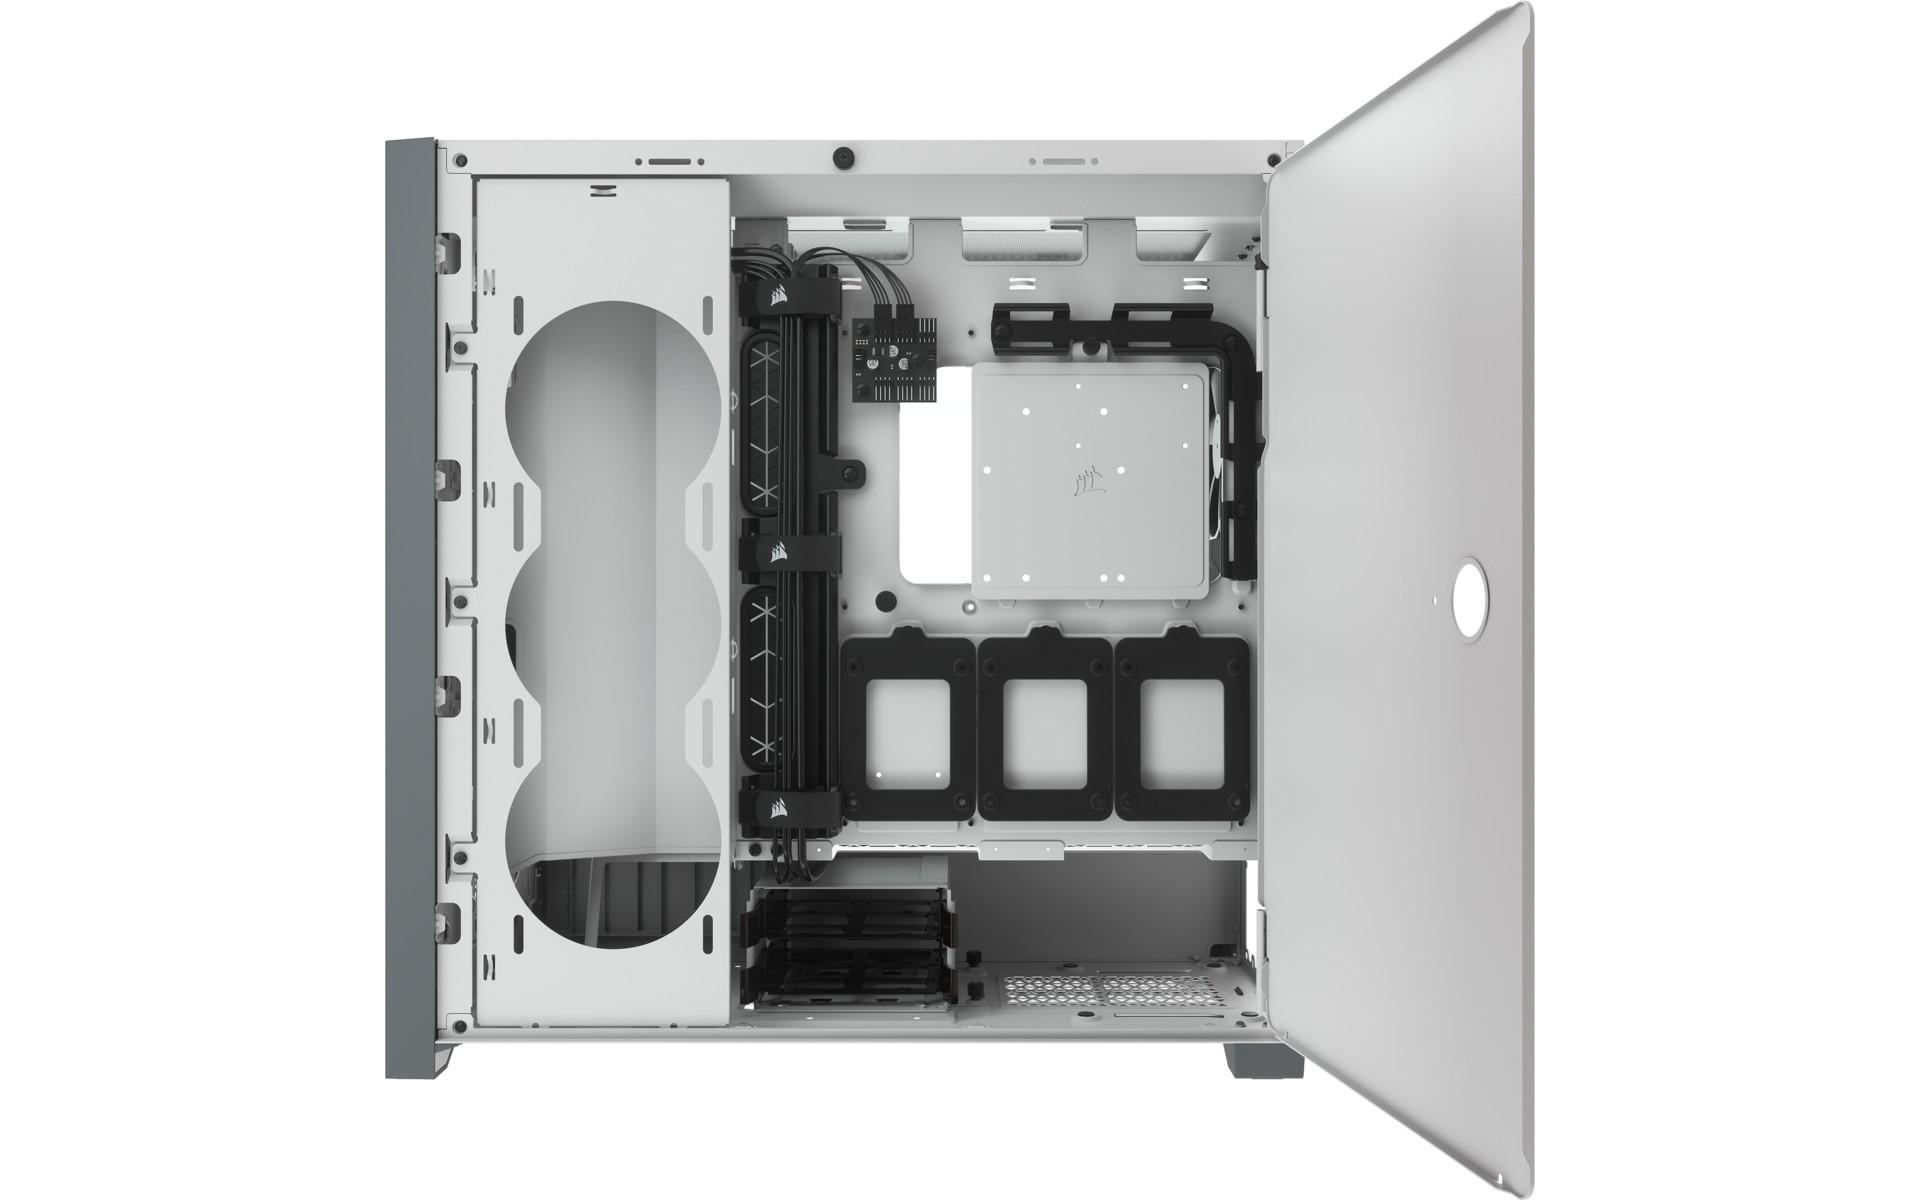 5000D Airflow White